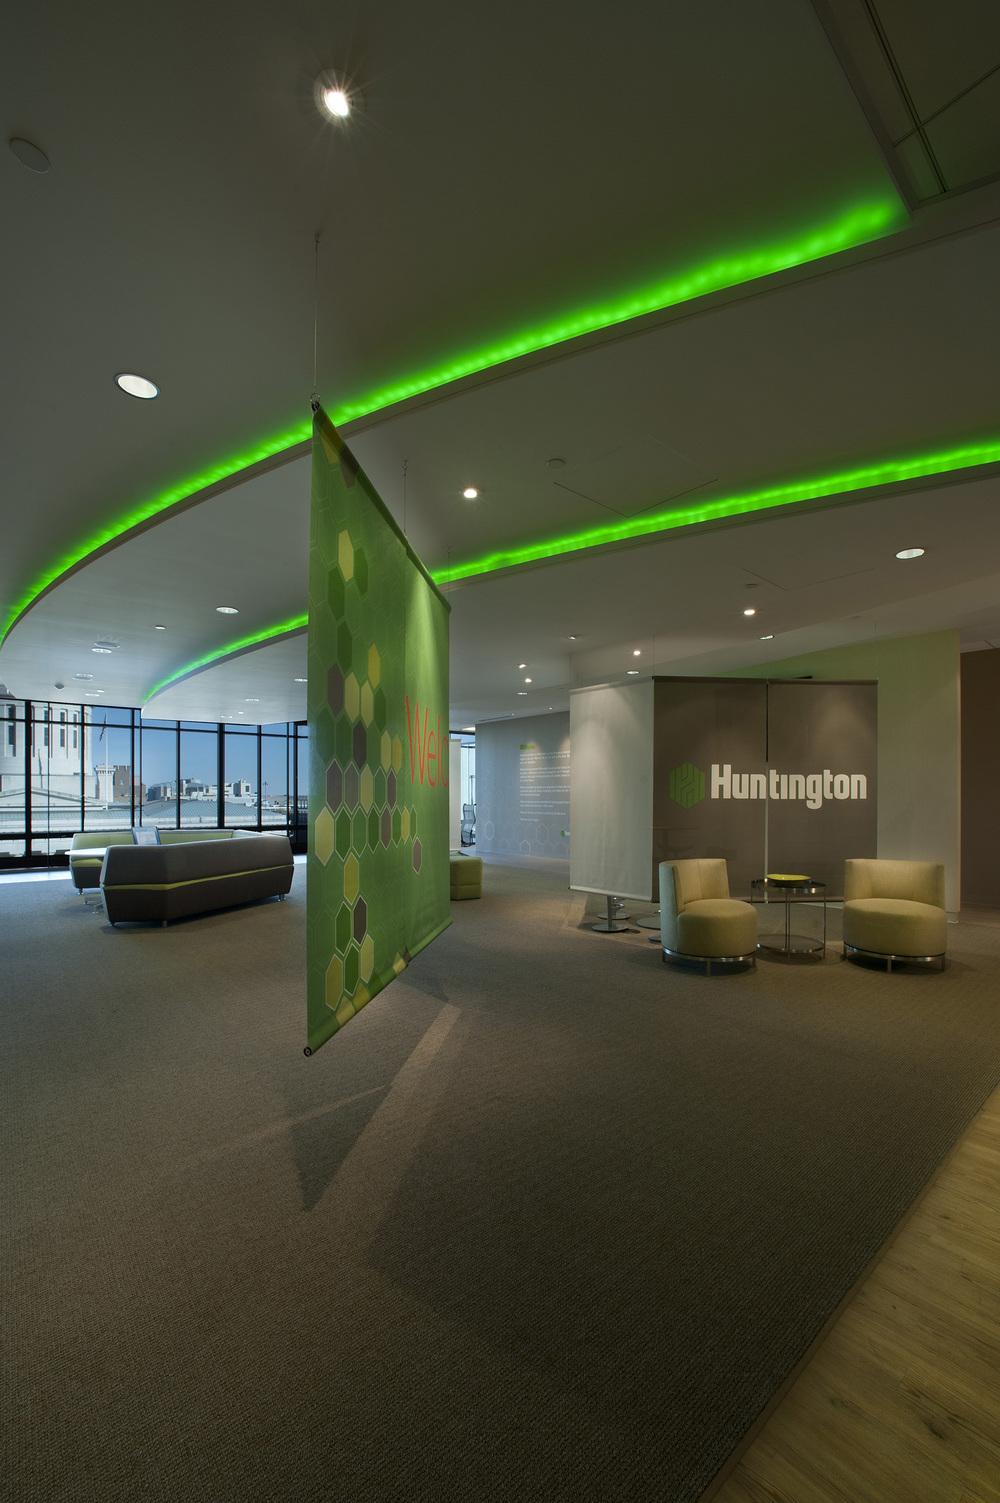 Huntington Lobby 2 A.jpg